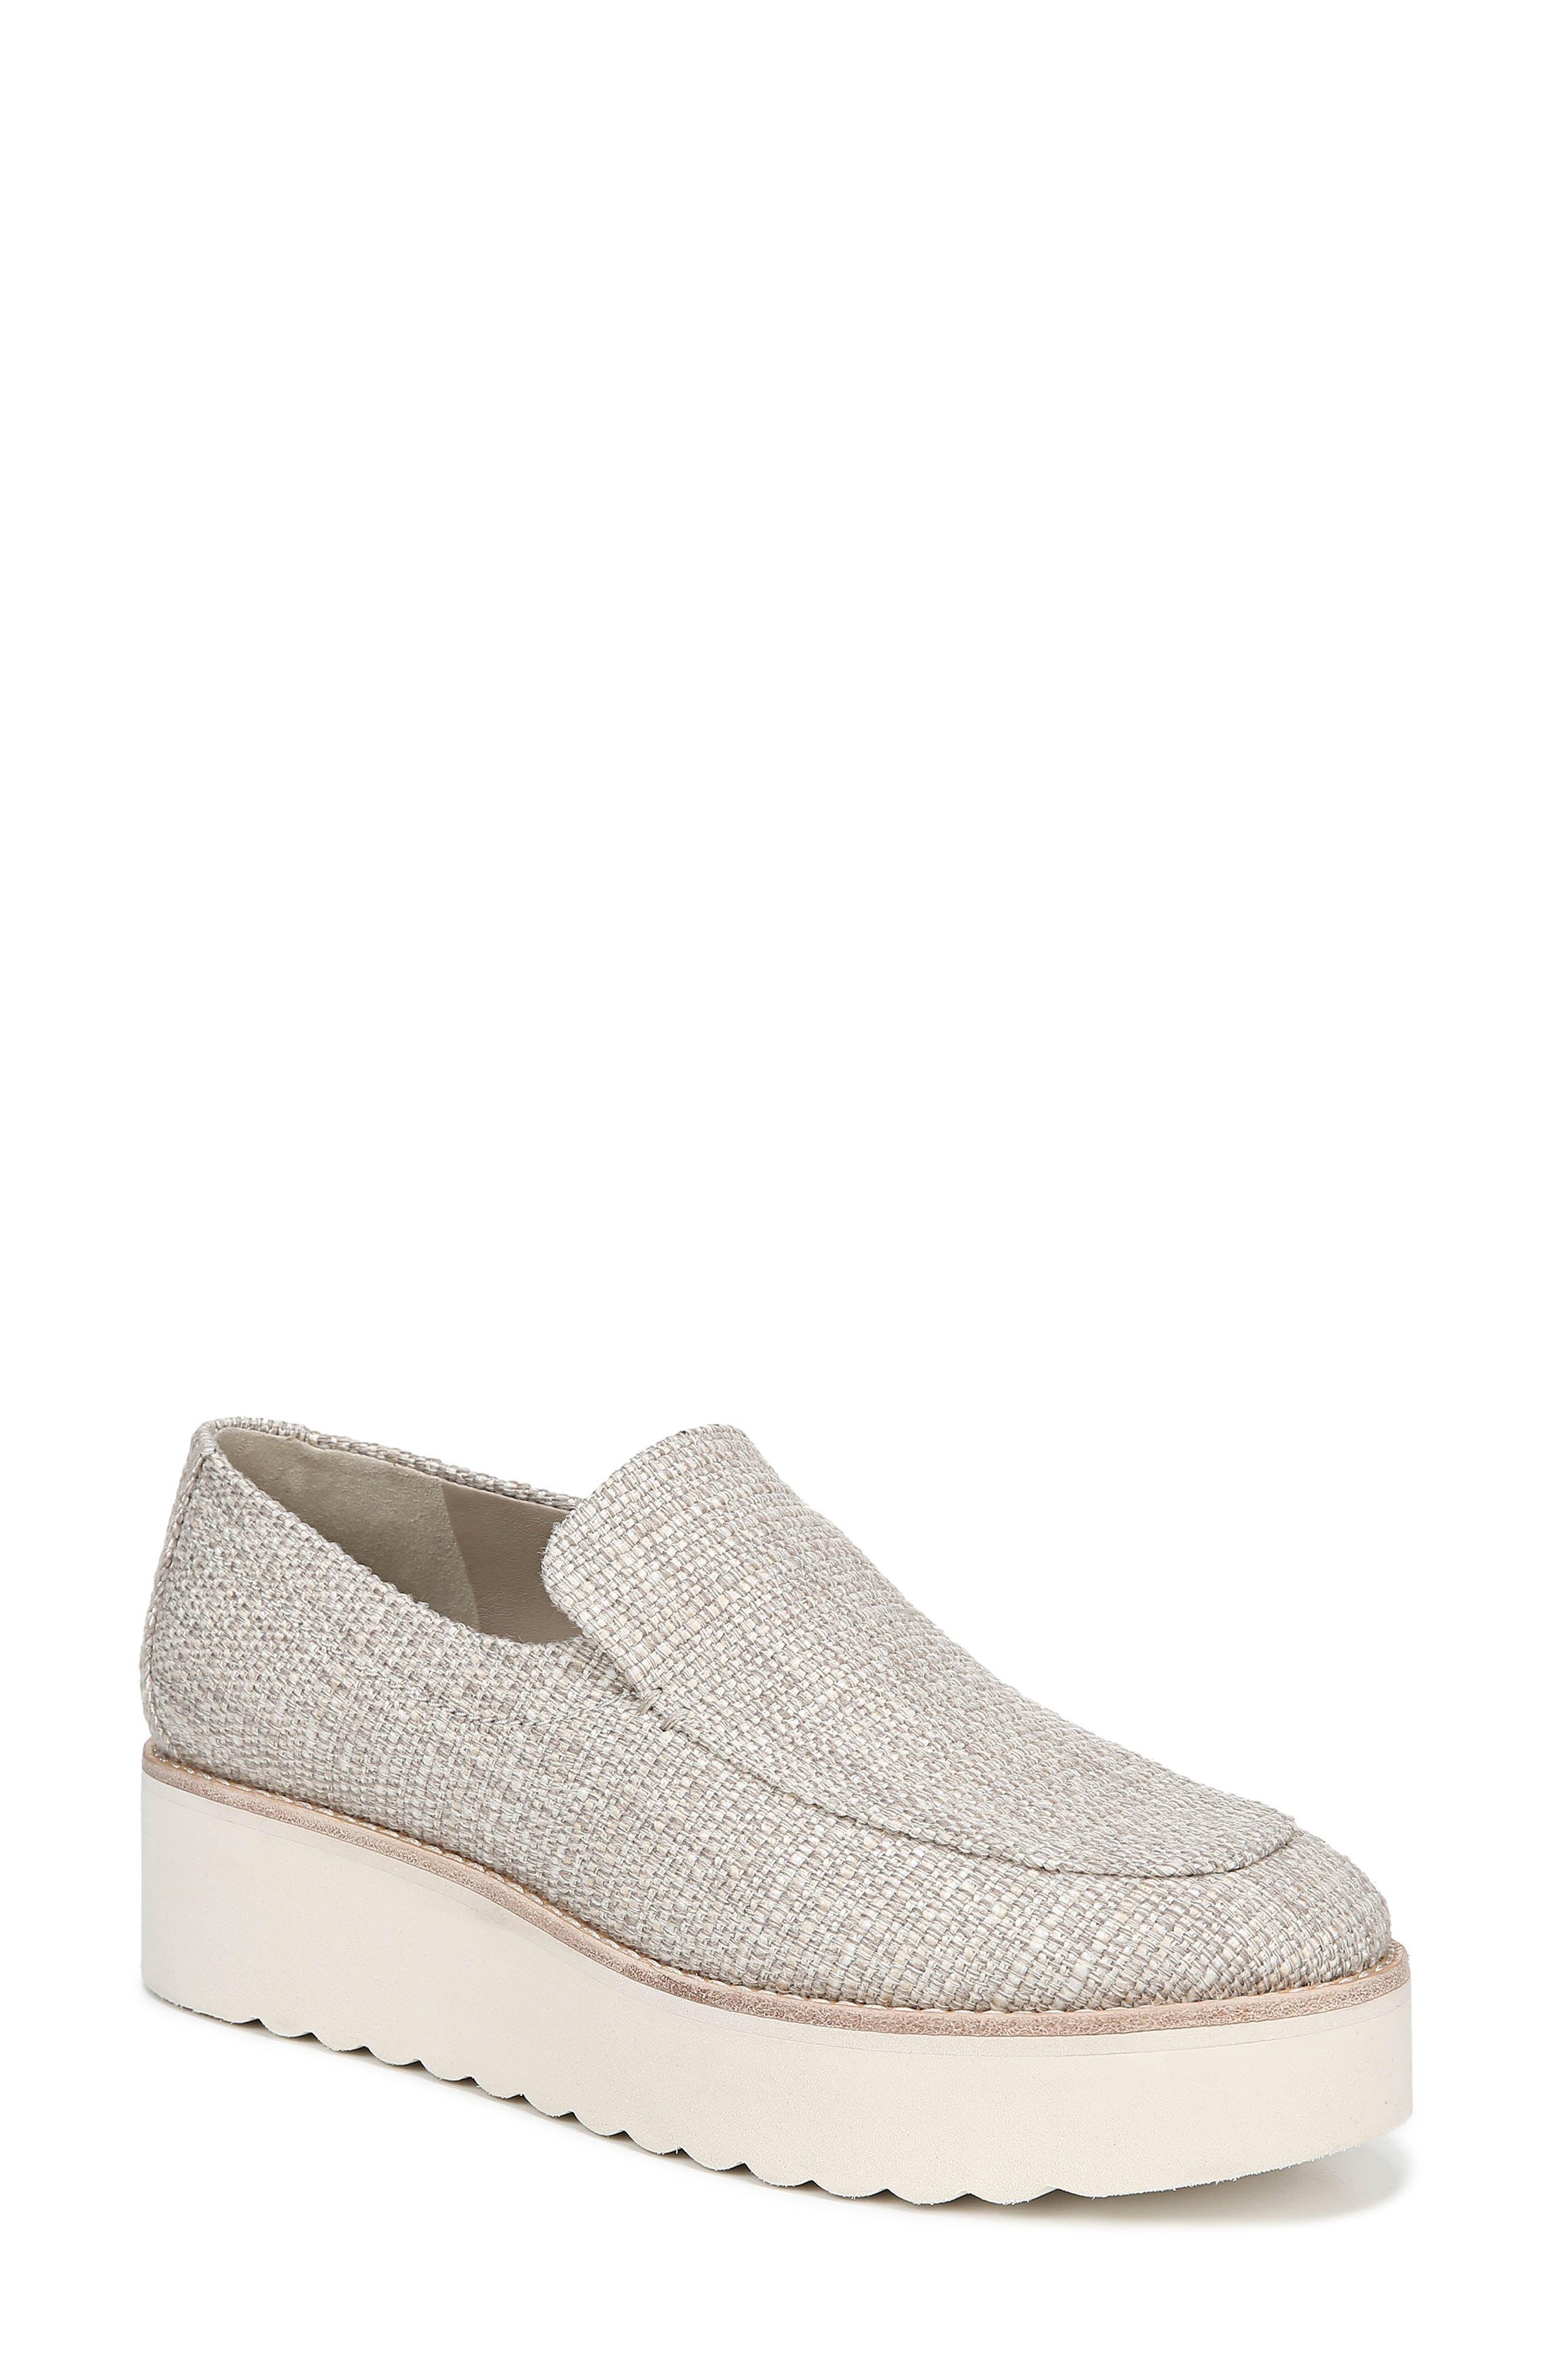 Women'S Zeta Slip-On Sneakers in Ecru